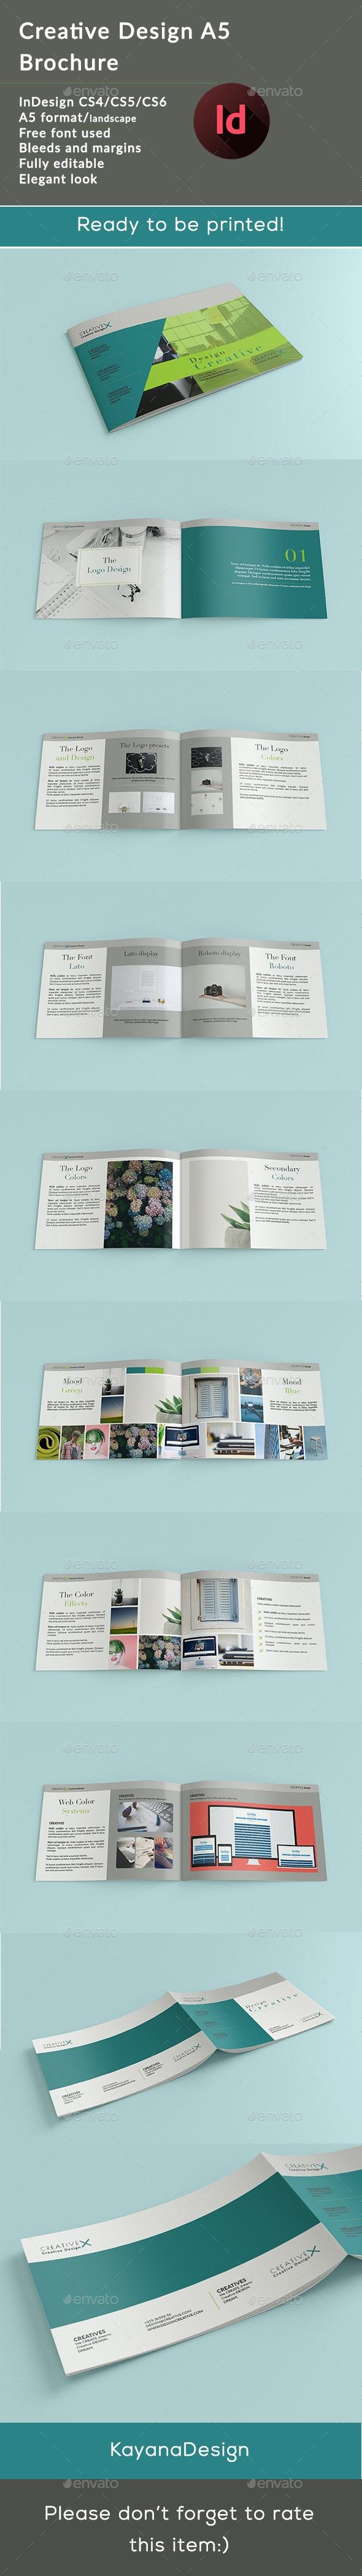 A5 Creative Design x Brochure - Brochures Print Templates